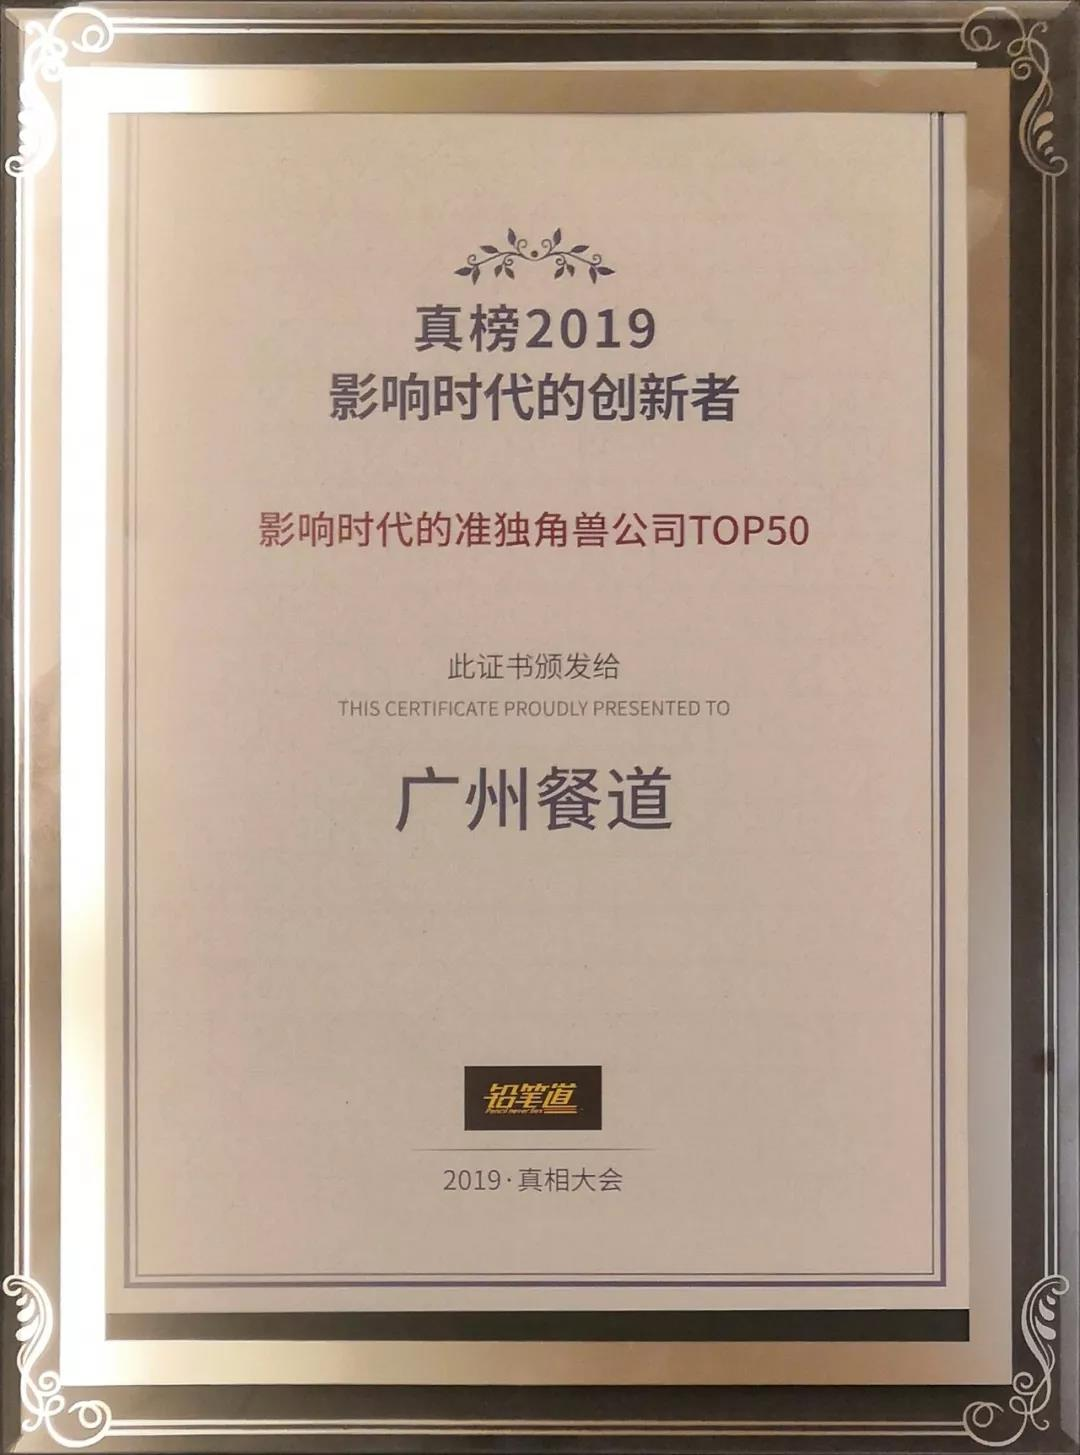 """餐道入选铅笔道""""2019年度•影响时代的准独角兽公司TOP50""""榜单"""